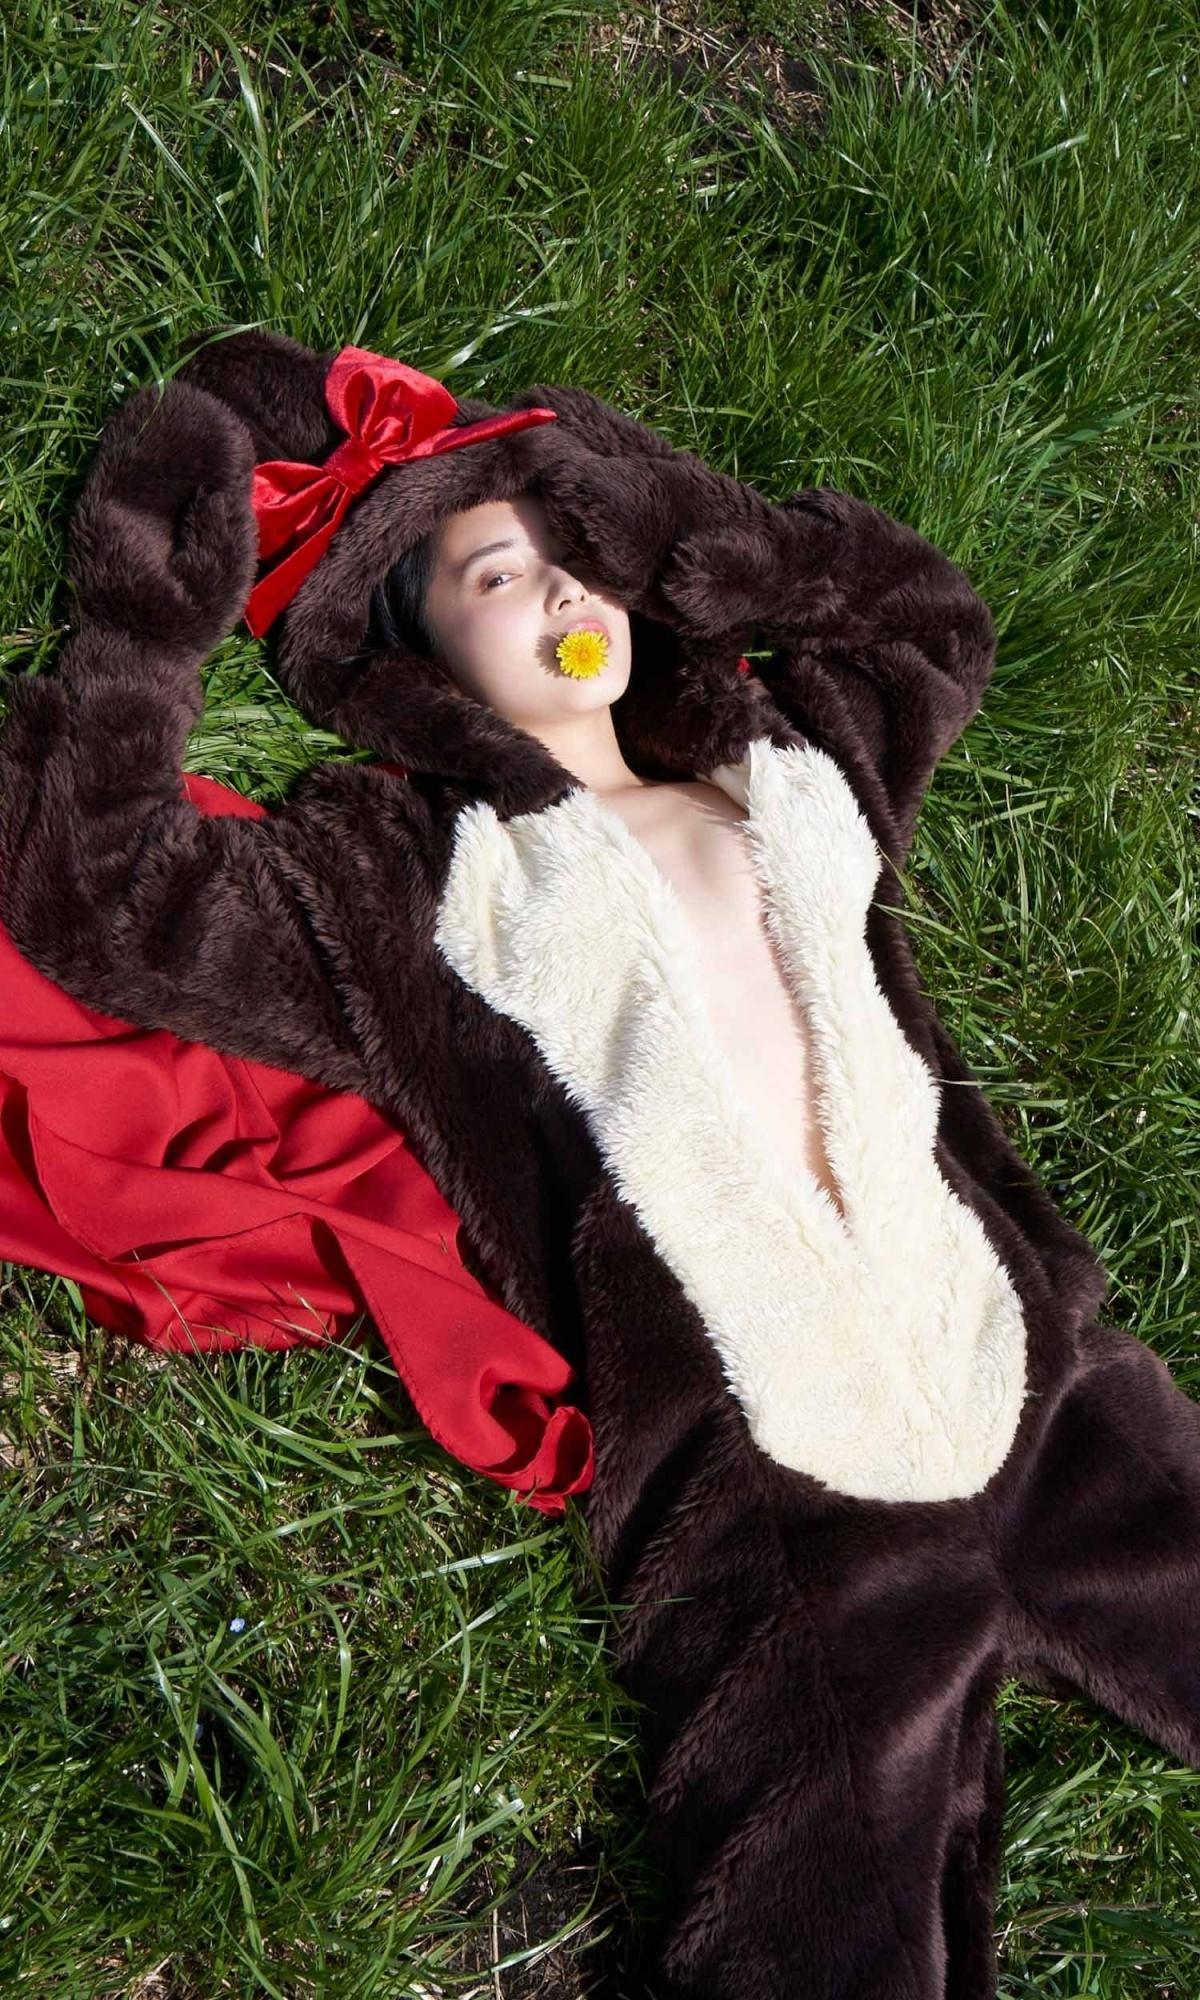 21 岁短发正妹「大原梓」久违拍摄写真,比基尼示范各种躺姿-新图包